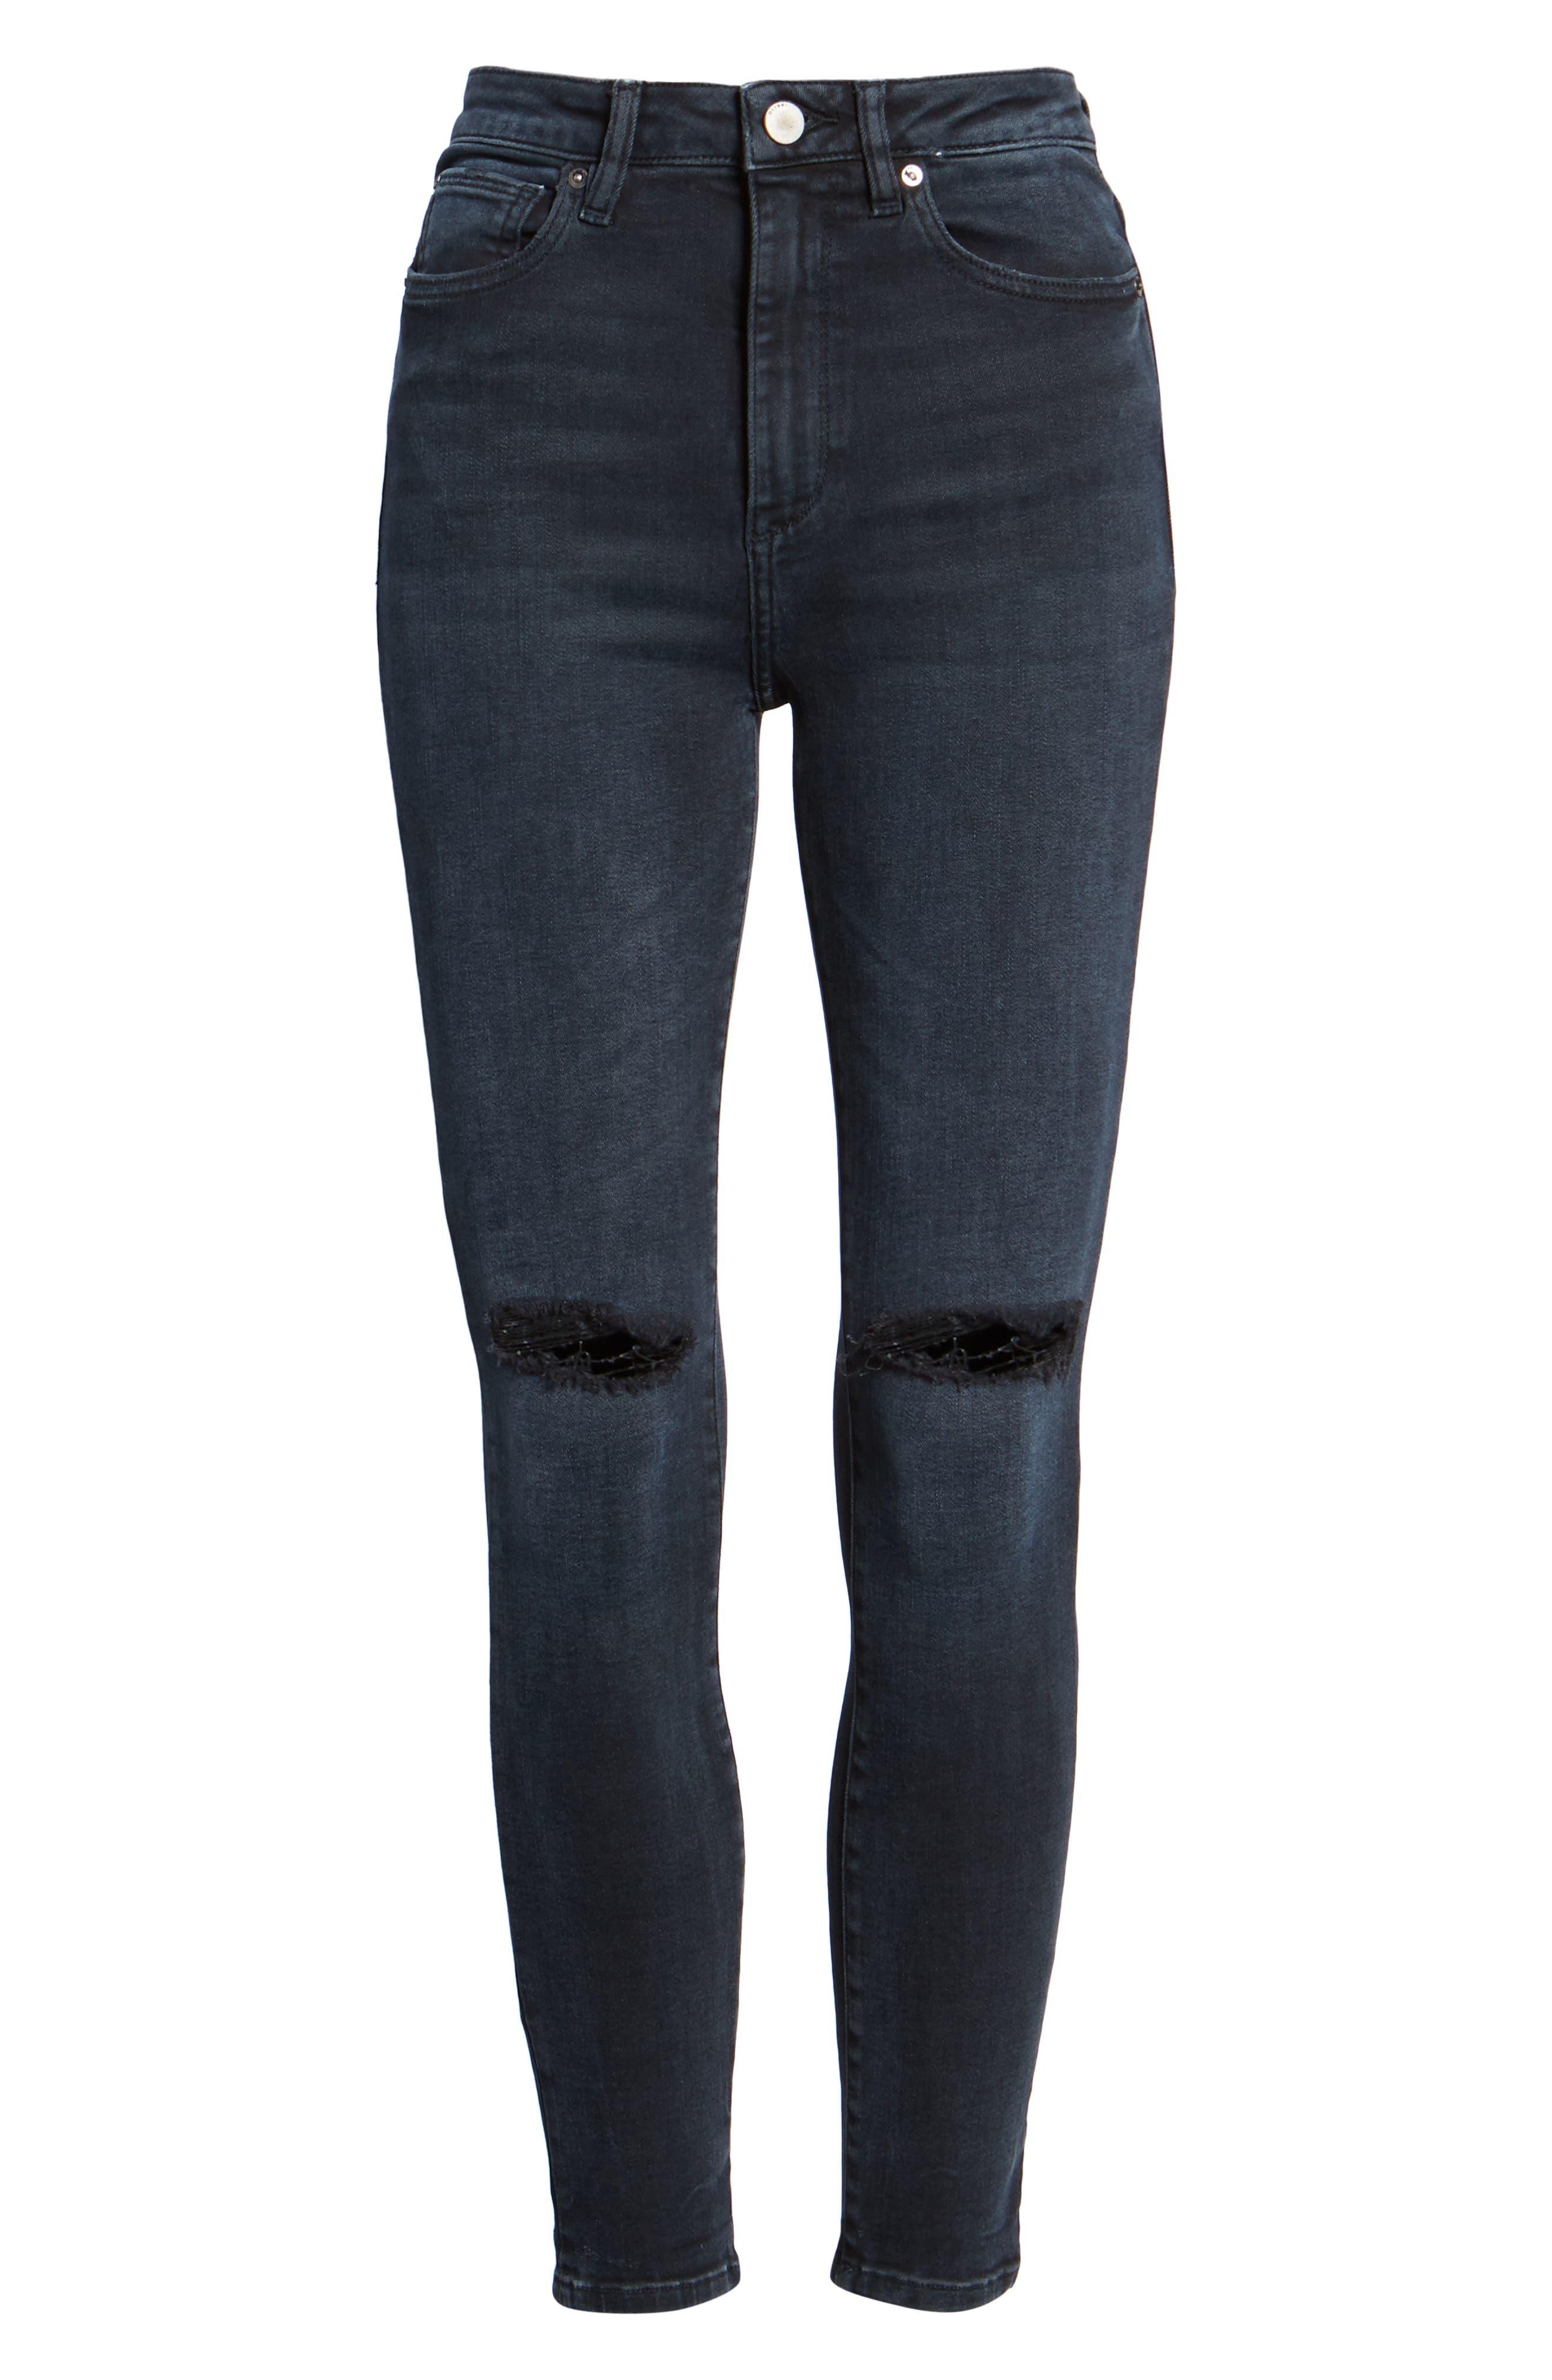 Chrissy Ultra High Waist Ankle Skinny Jeans,                             Alternate thumbnail 7, color,                             PORTER